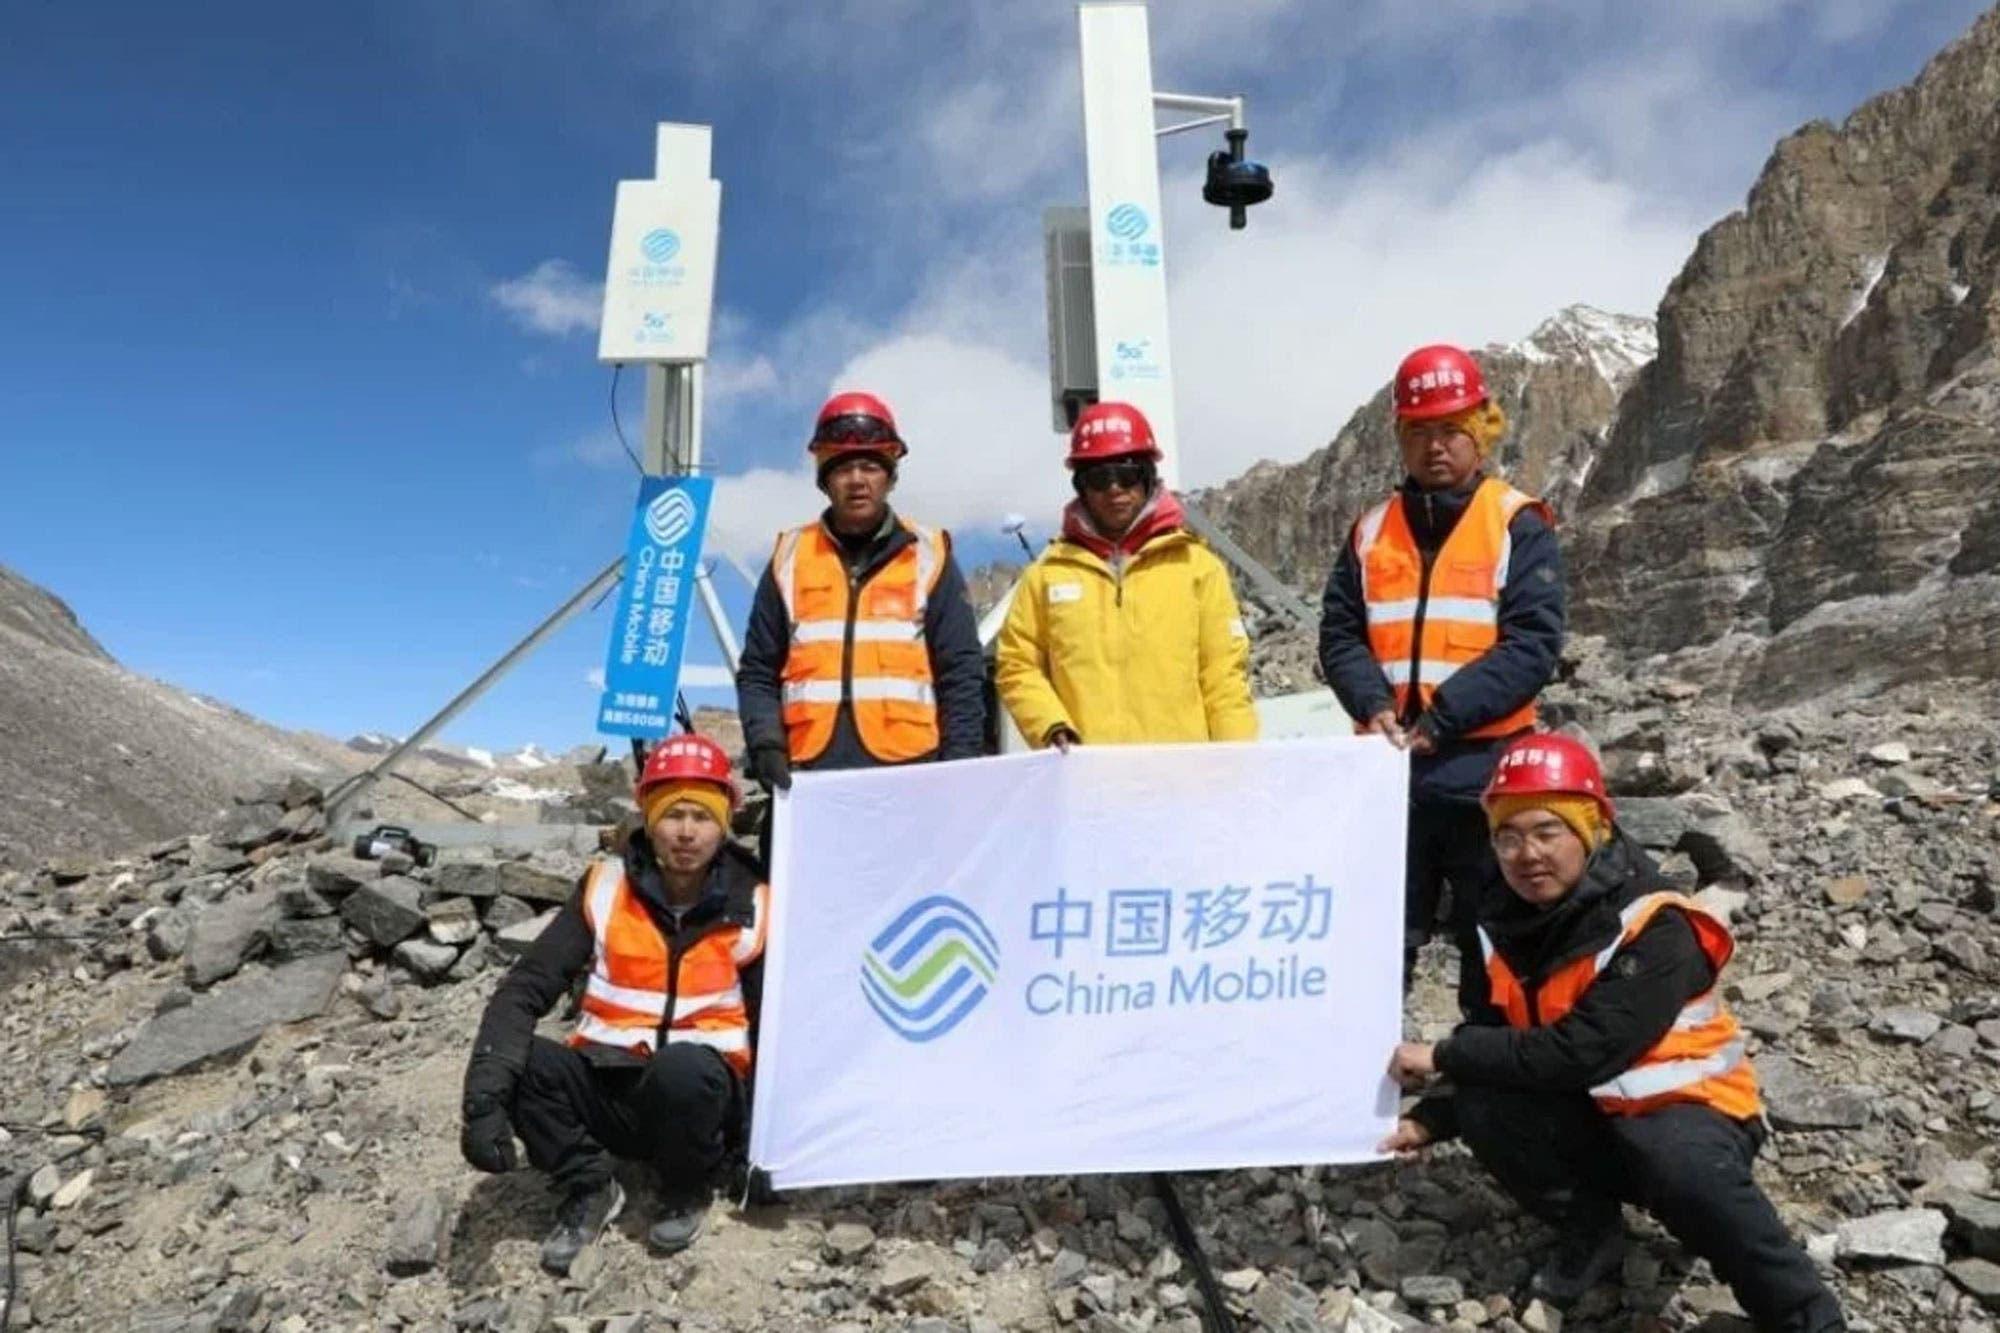 Everest con 5G: China Mobile y Huawei instalan antenas en la montaña más alta del mundo